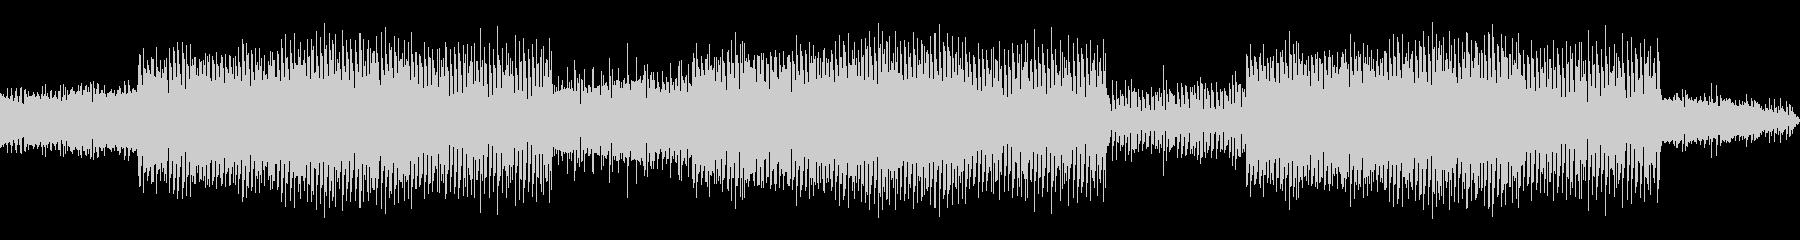 プログレッシブハウス。ポップな背景...の未再生の波形